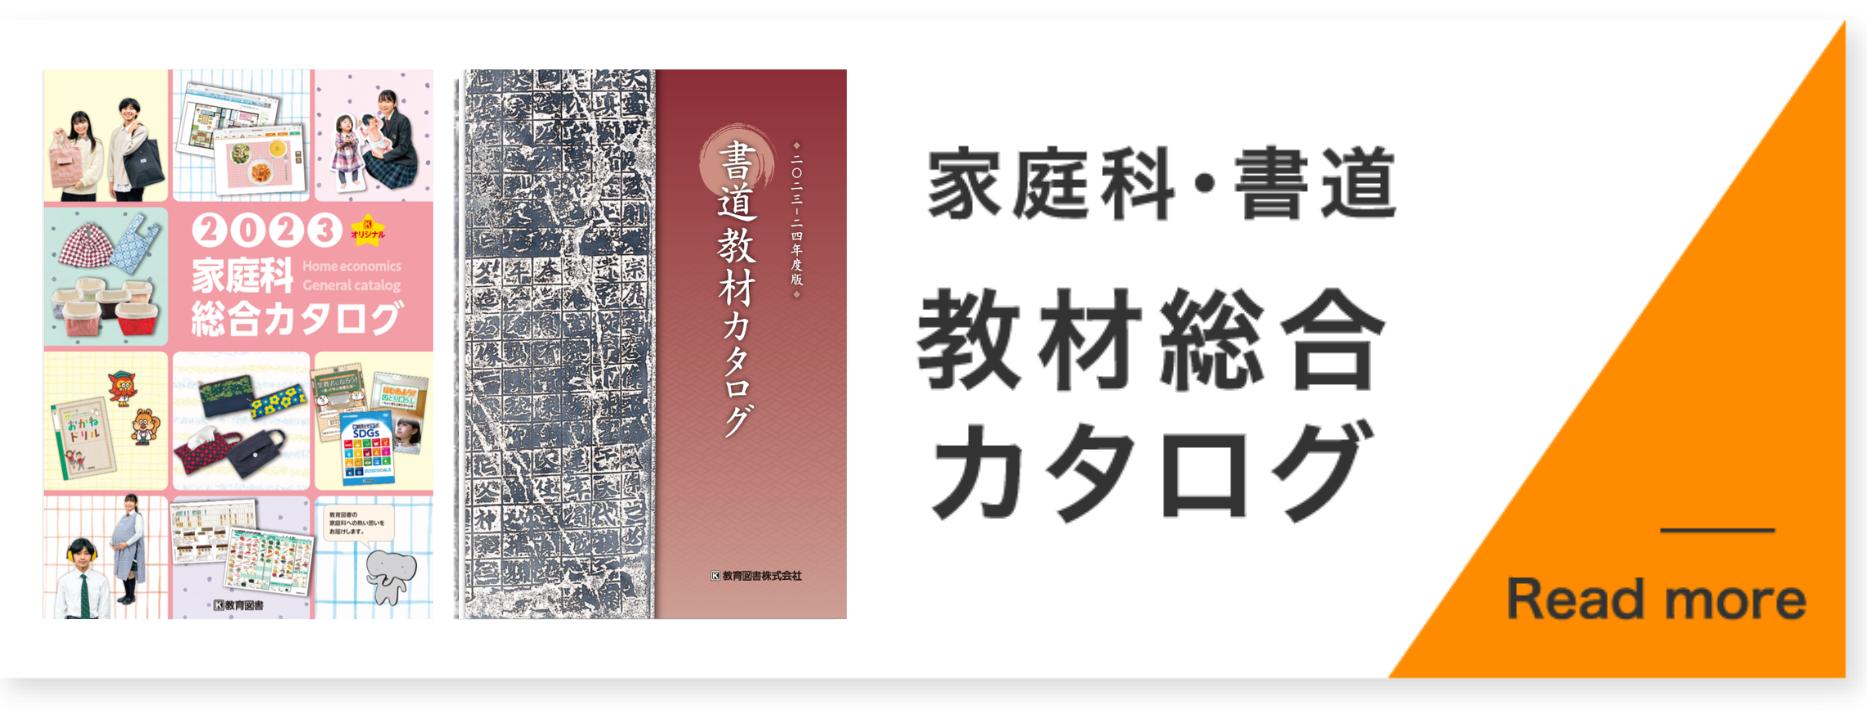 家庭科・書道 教材総合カタログ